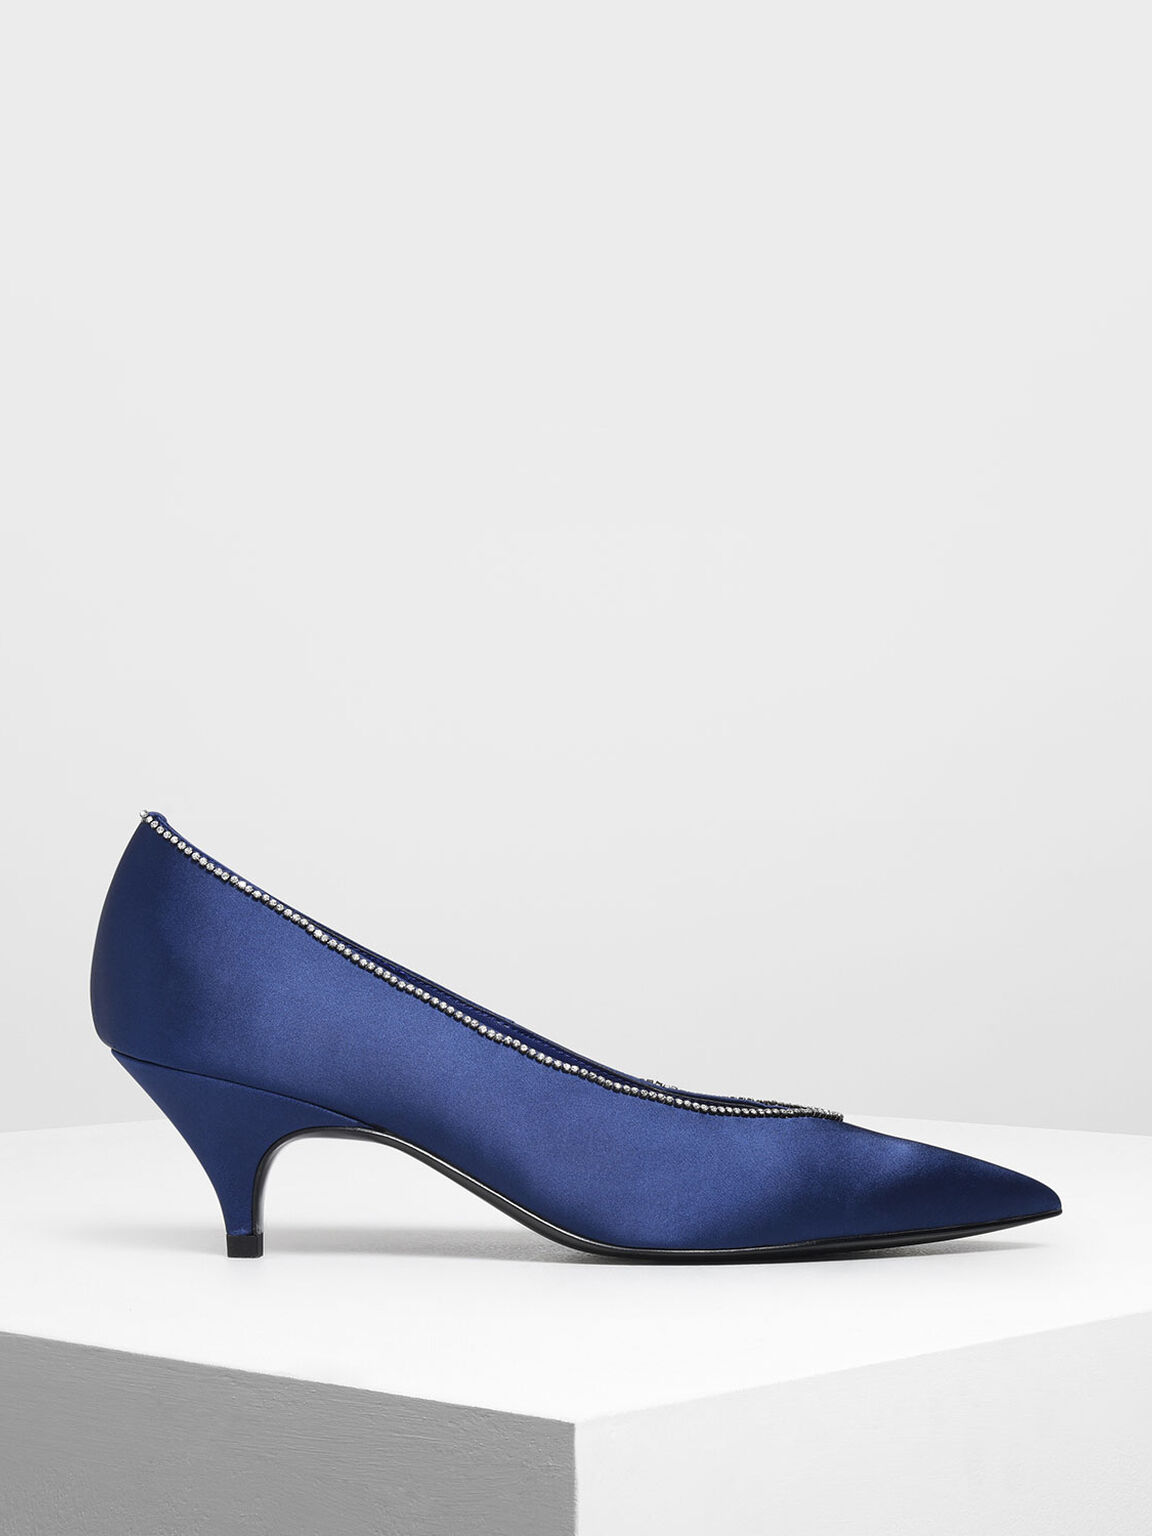 Gem Embellished Satin Kitten Heel Pumps, Blue, hi-res